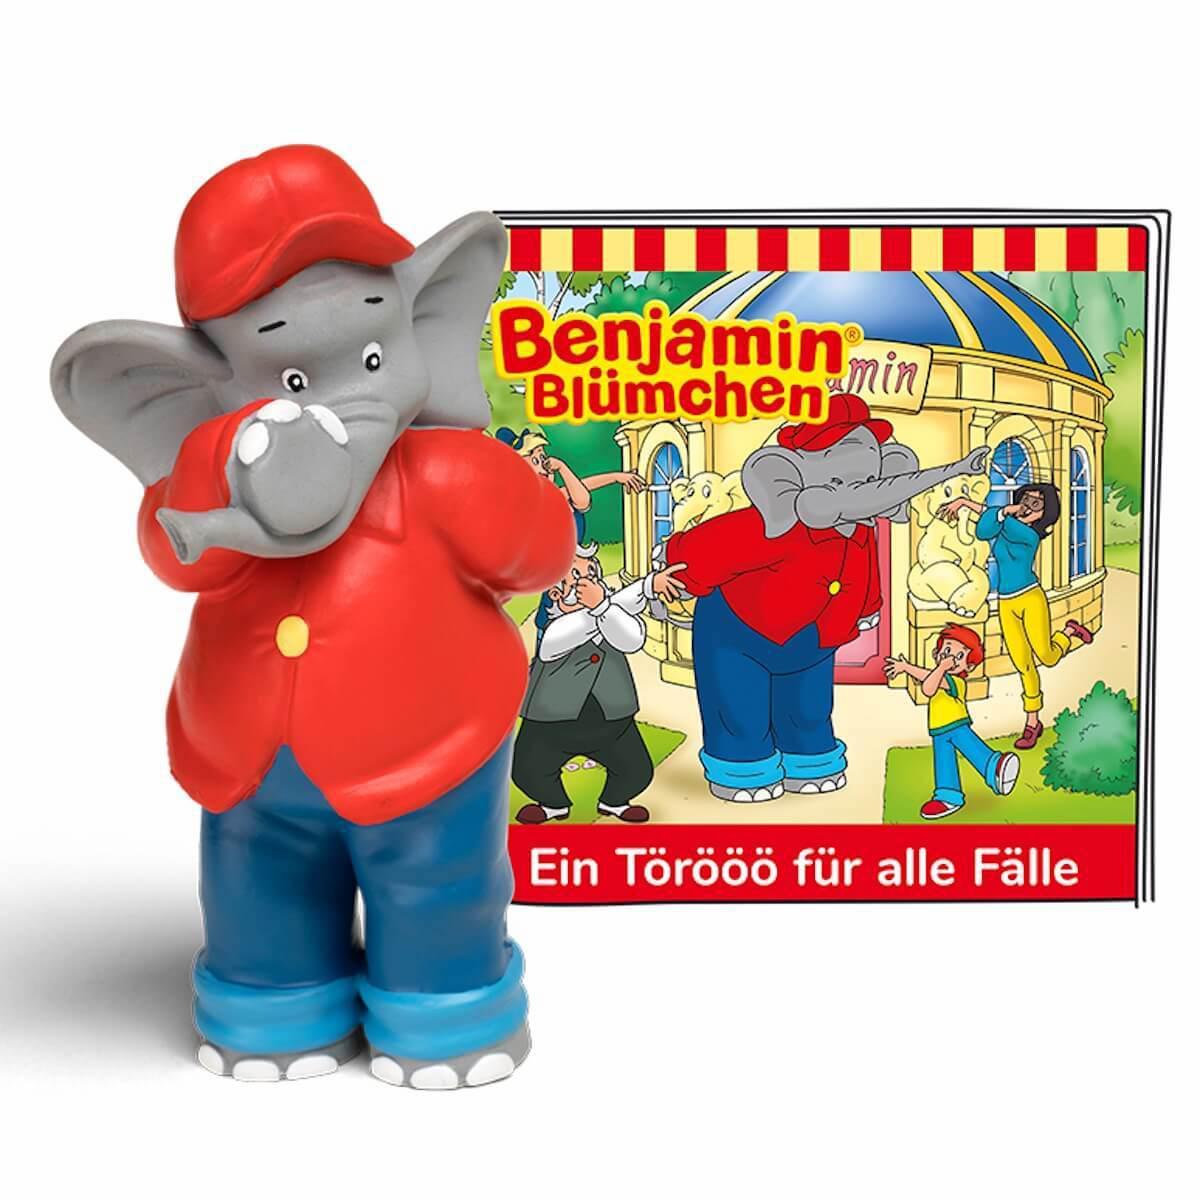 Hörspielfigur TONIES Benjamin Blümchen Ein Törööö für alle Fälle